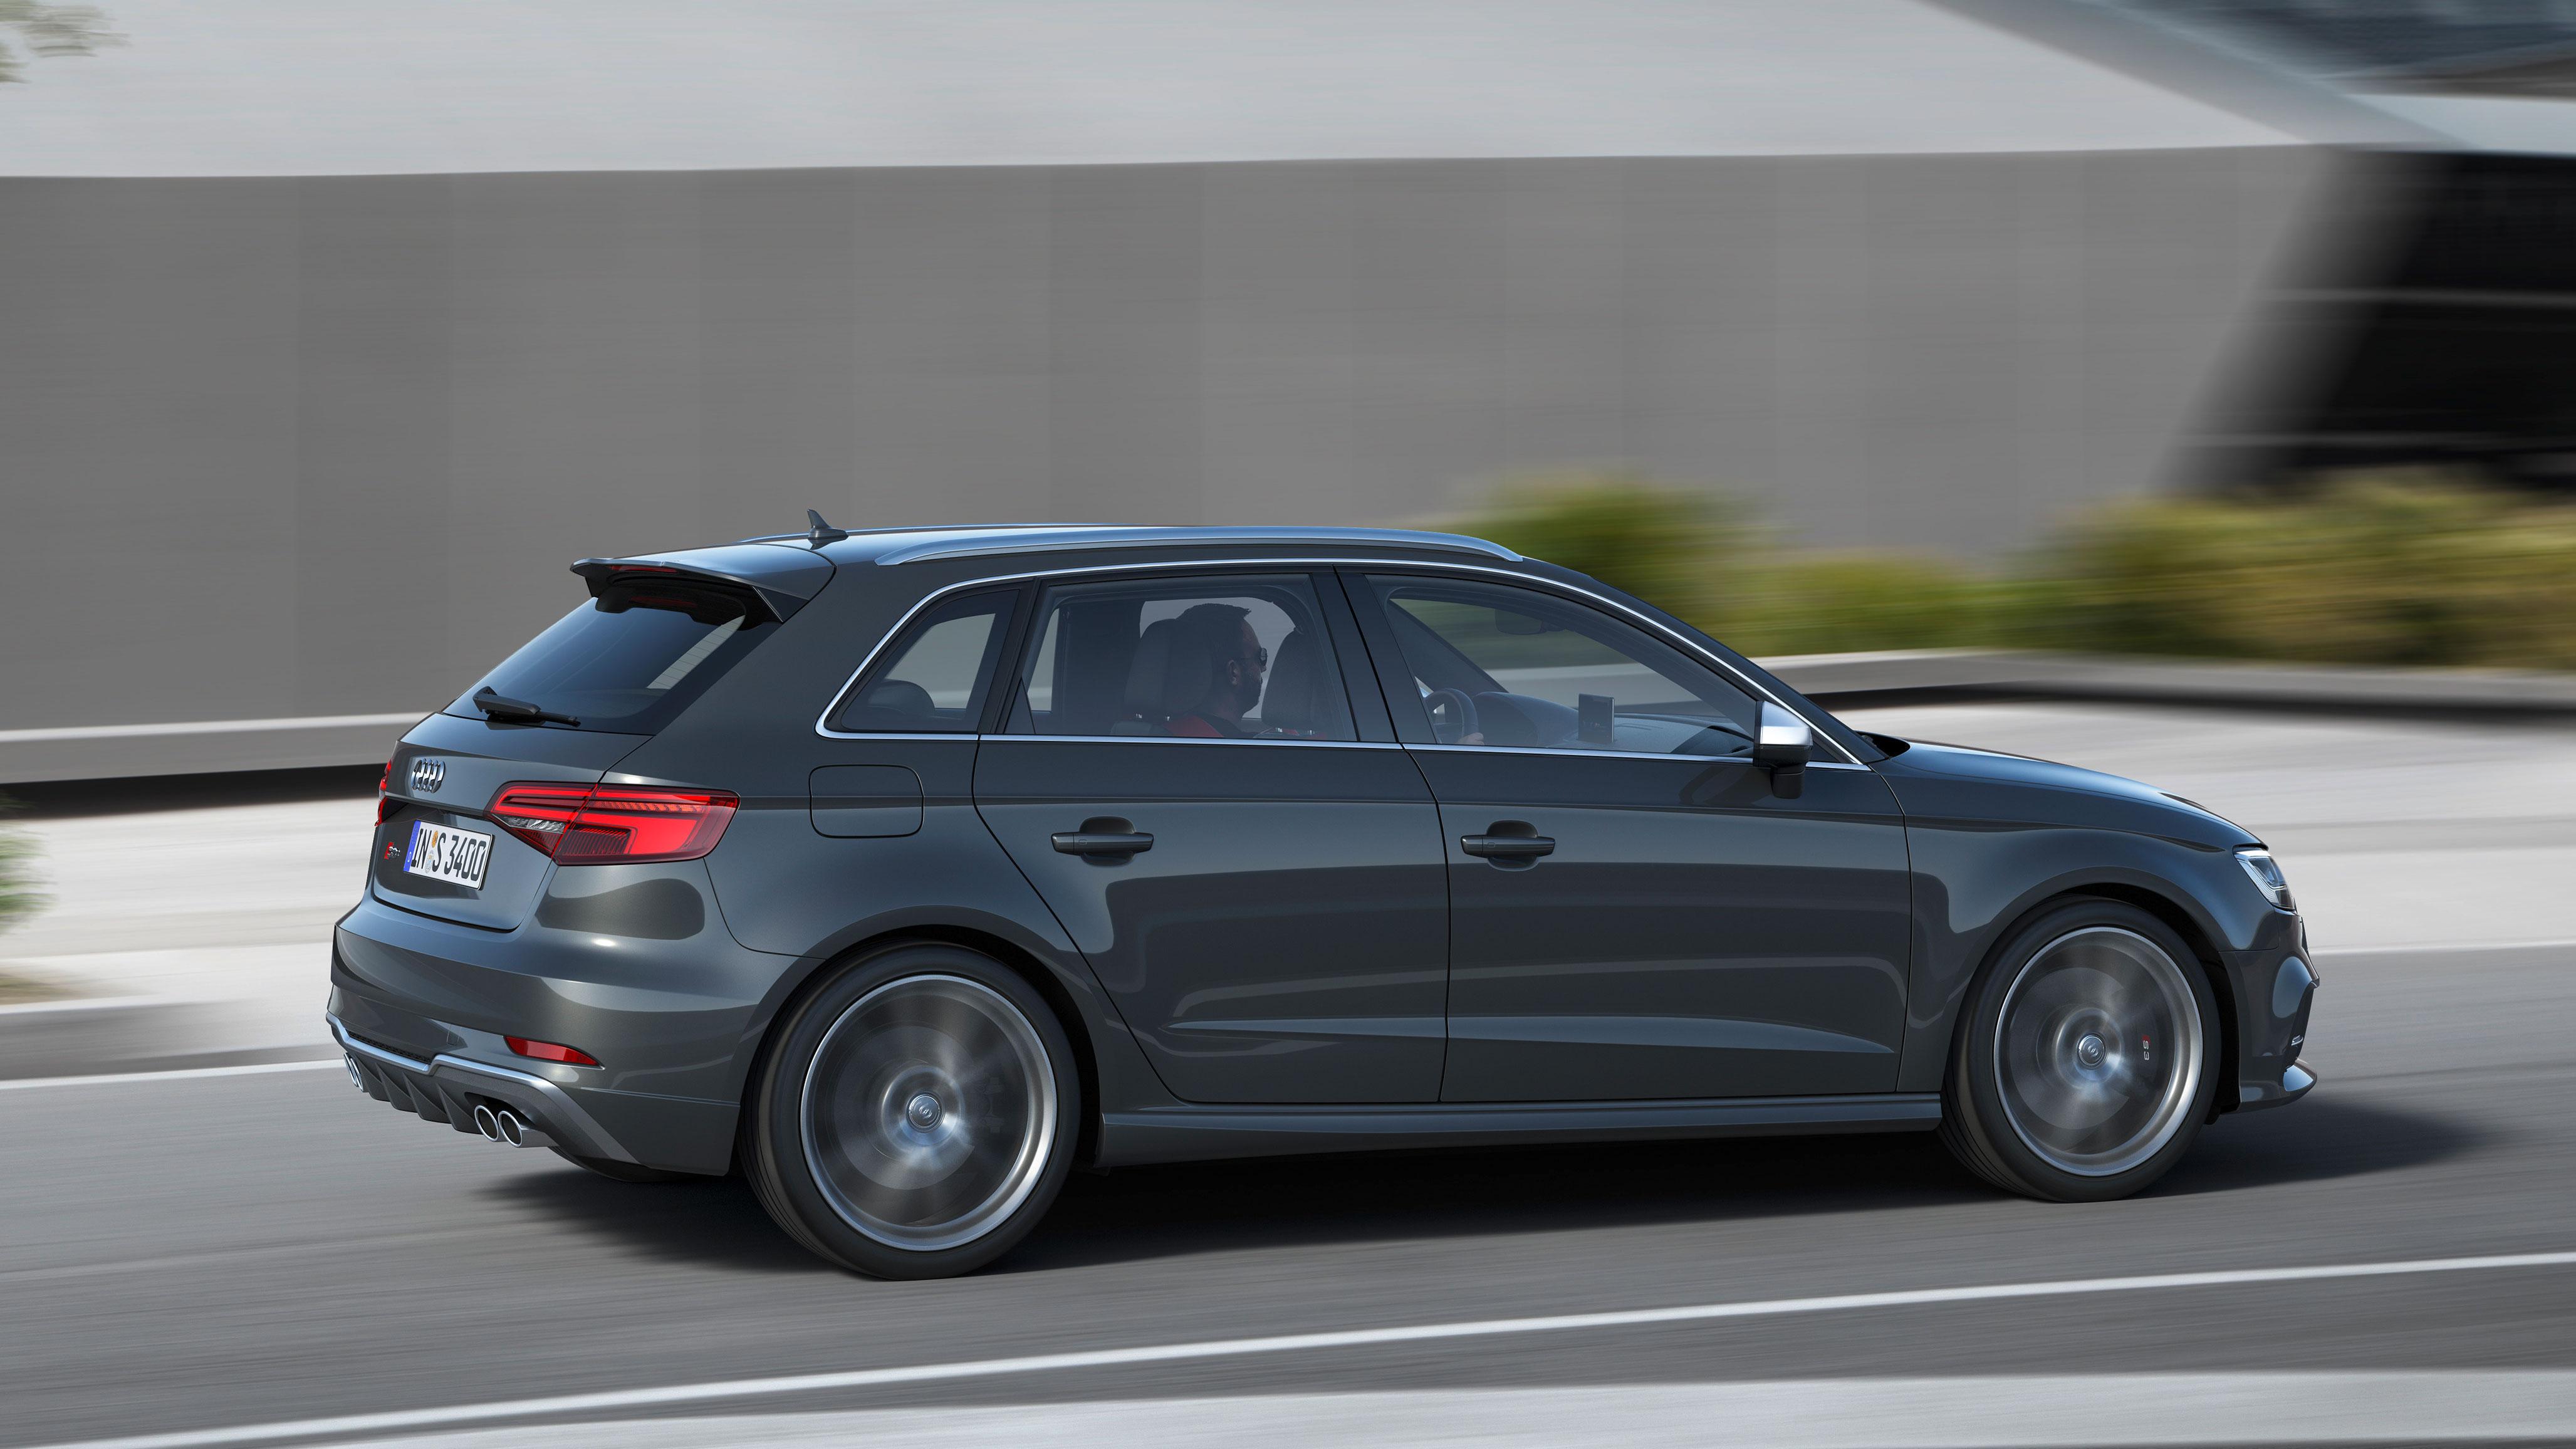 Kelebihan Kekurangan Audi A3 S3 Perbandingan Harga